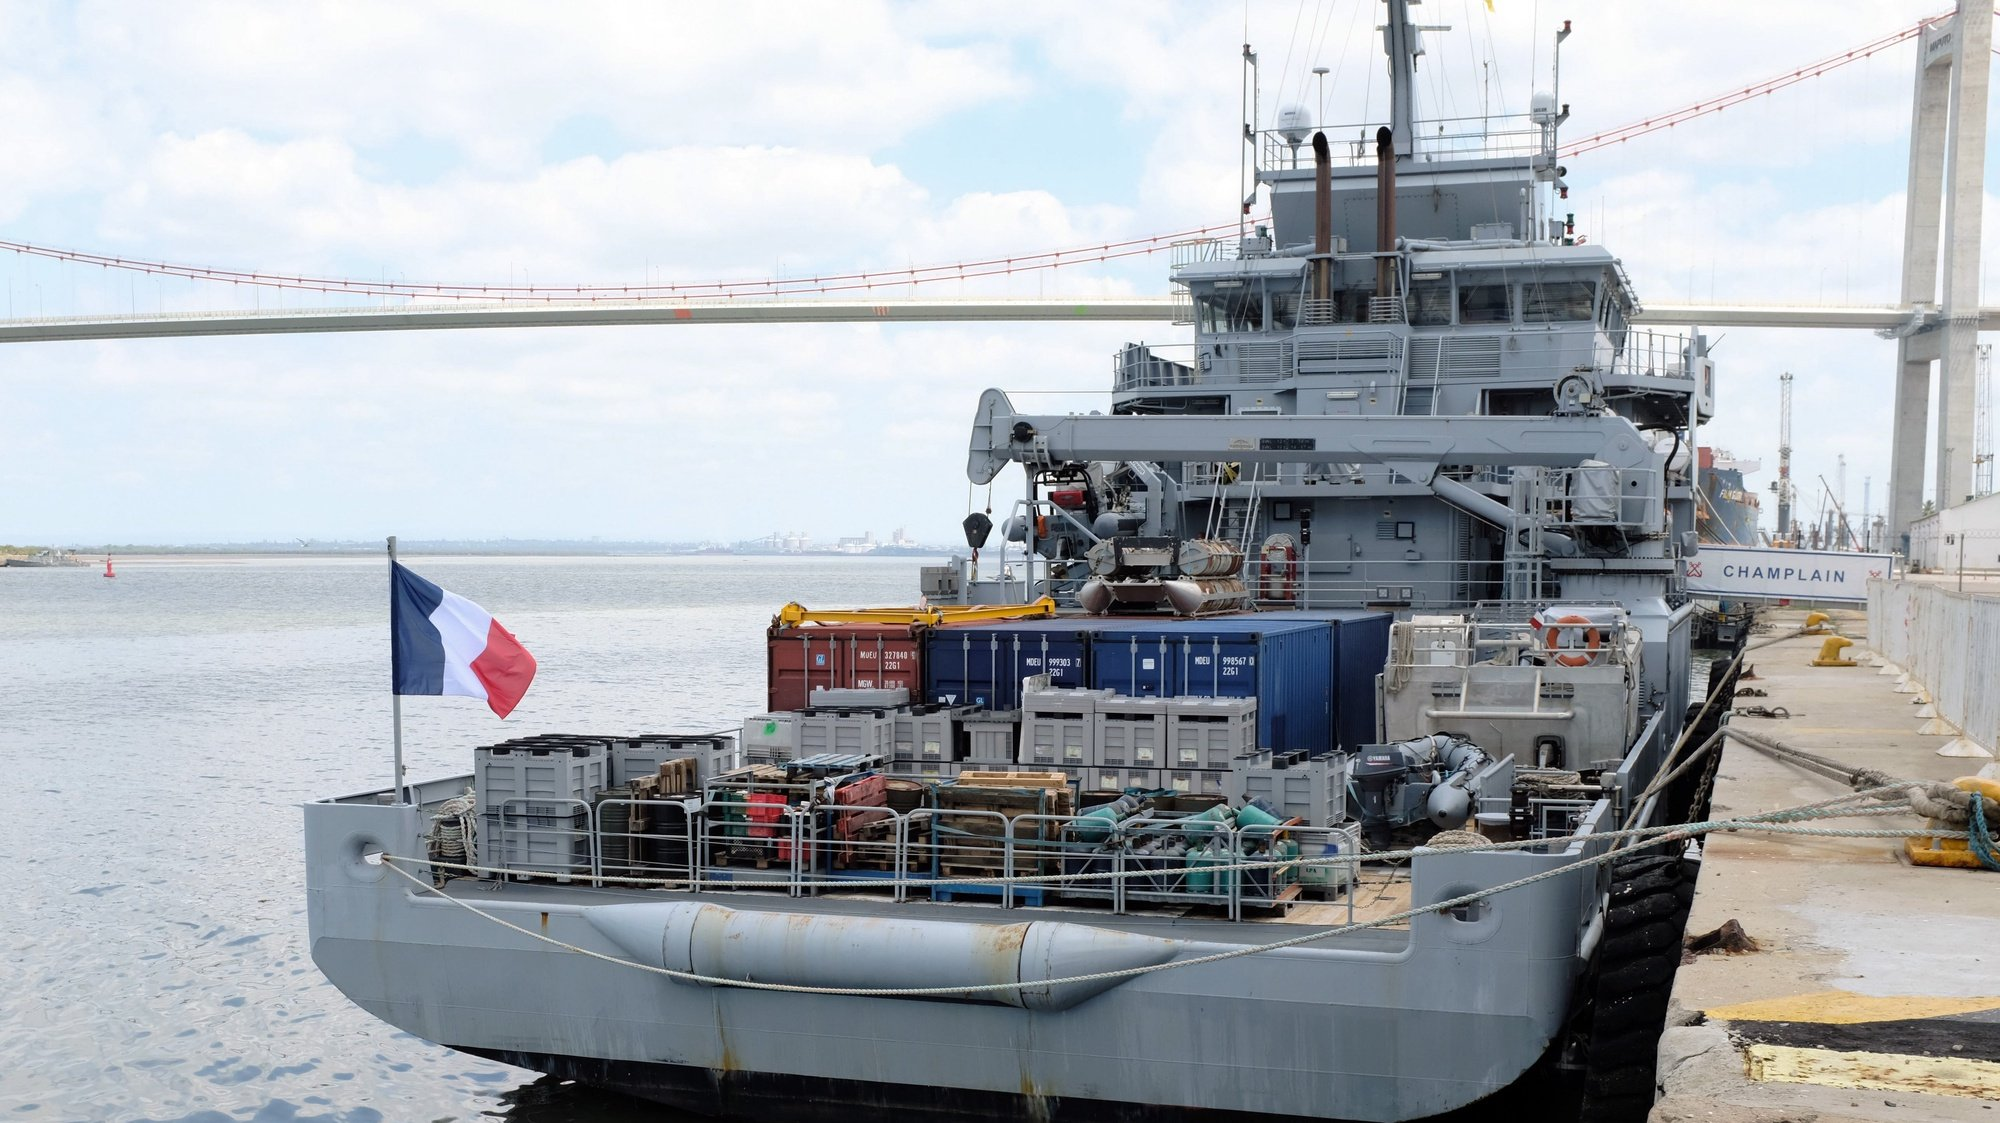 O navio militar francês Champlain, atracado no porto de Maputo, 22 de fevereiro de 2020. ANTÓNIO SILVA/LUSA